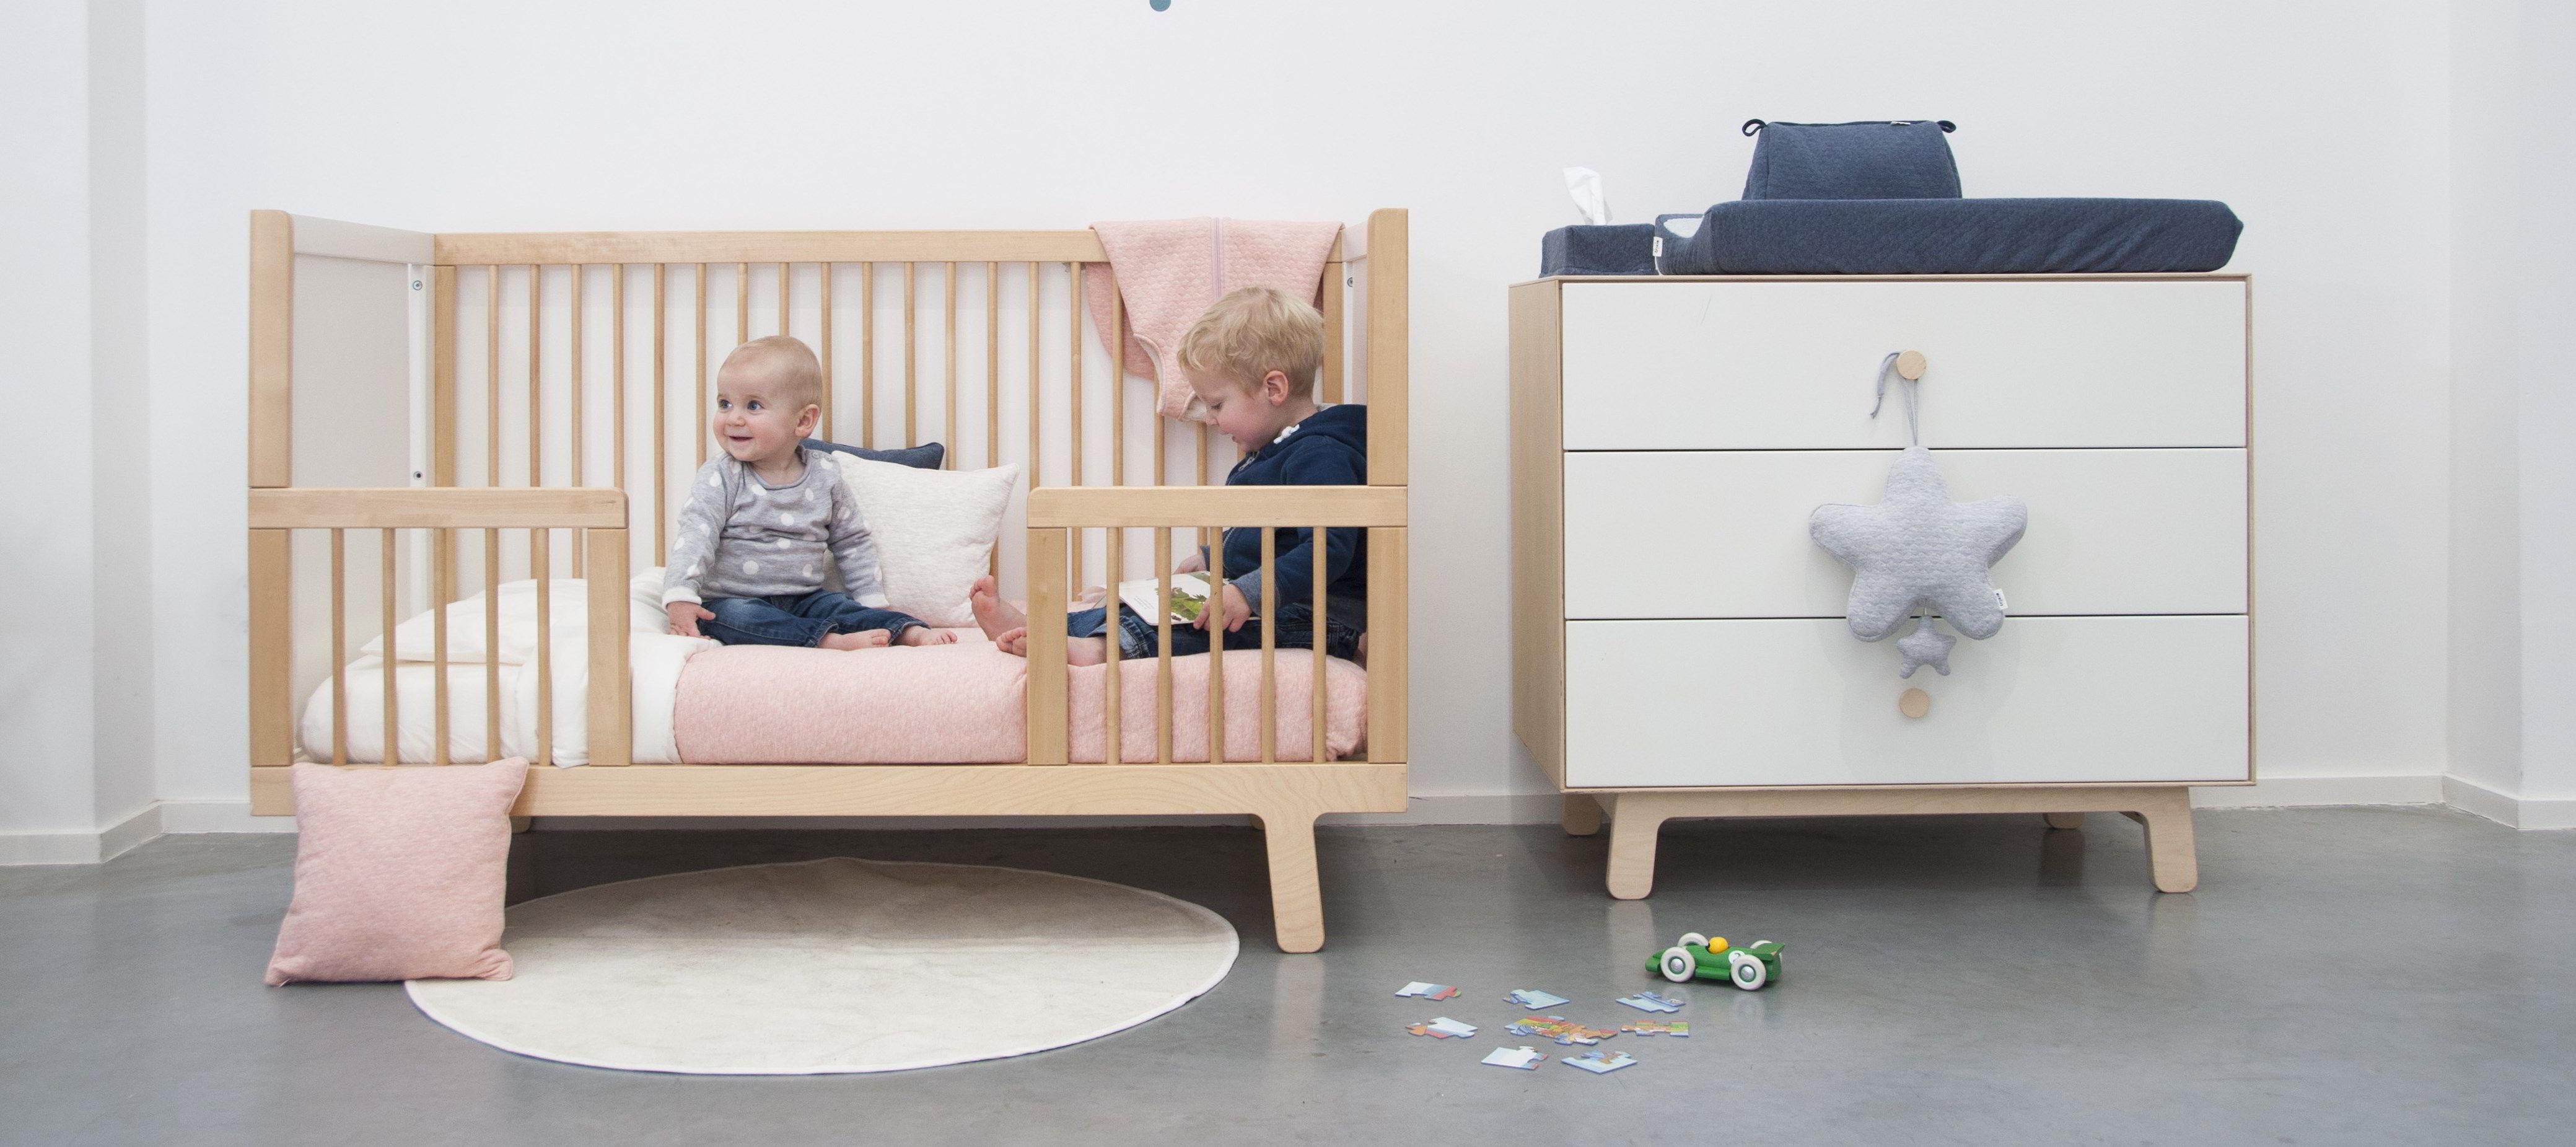 Ledikant en commode voor bij artikel wat heb je nodig voor een baby babyuitzet essentials